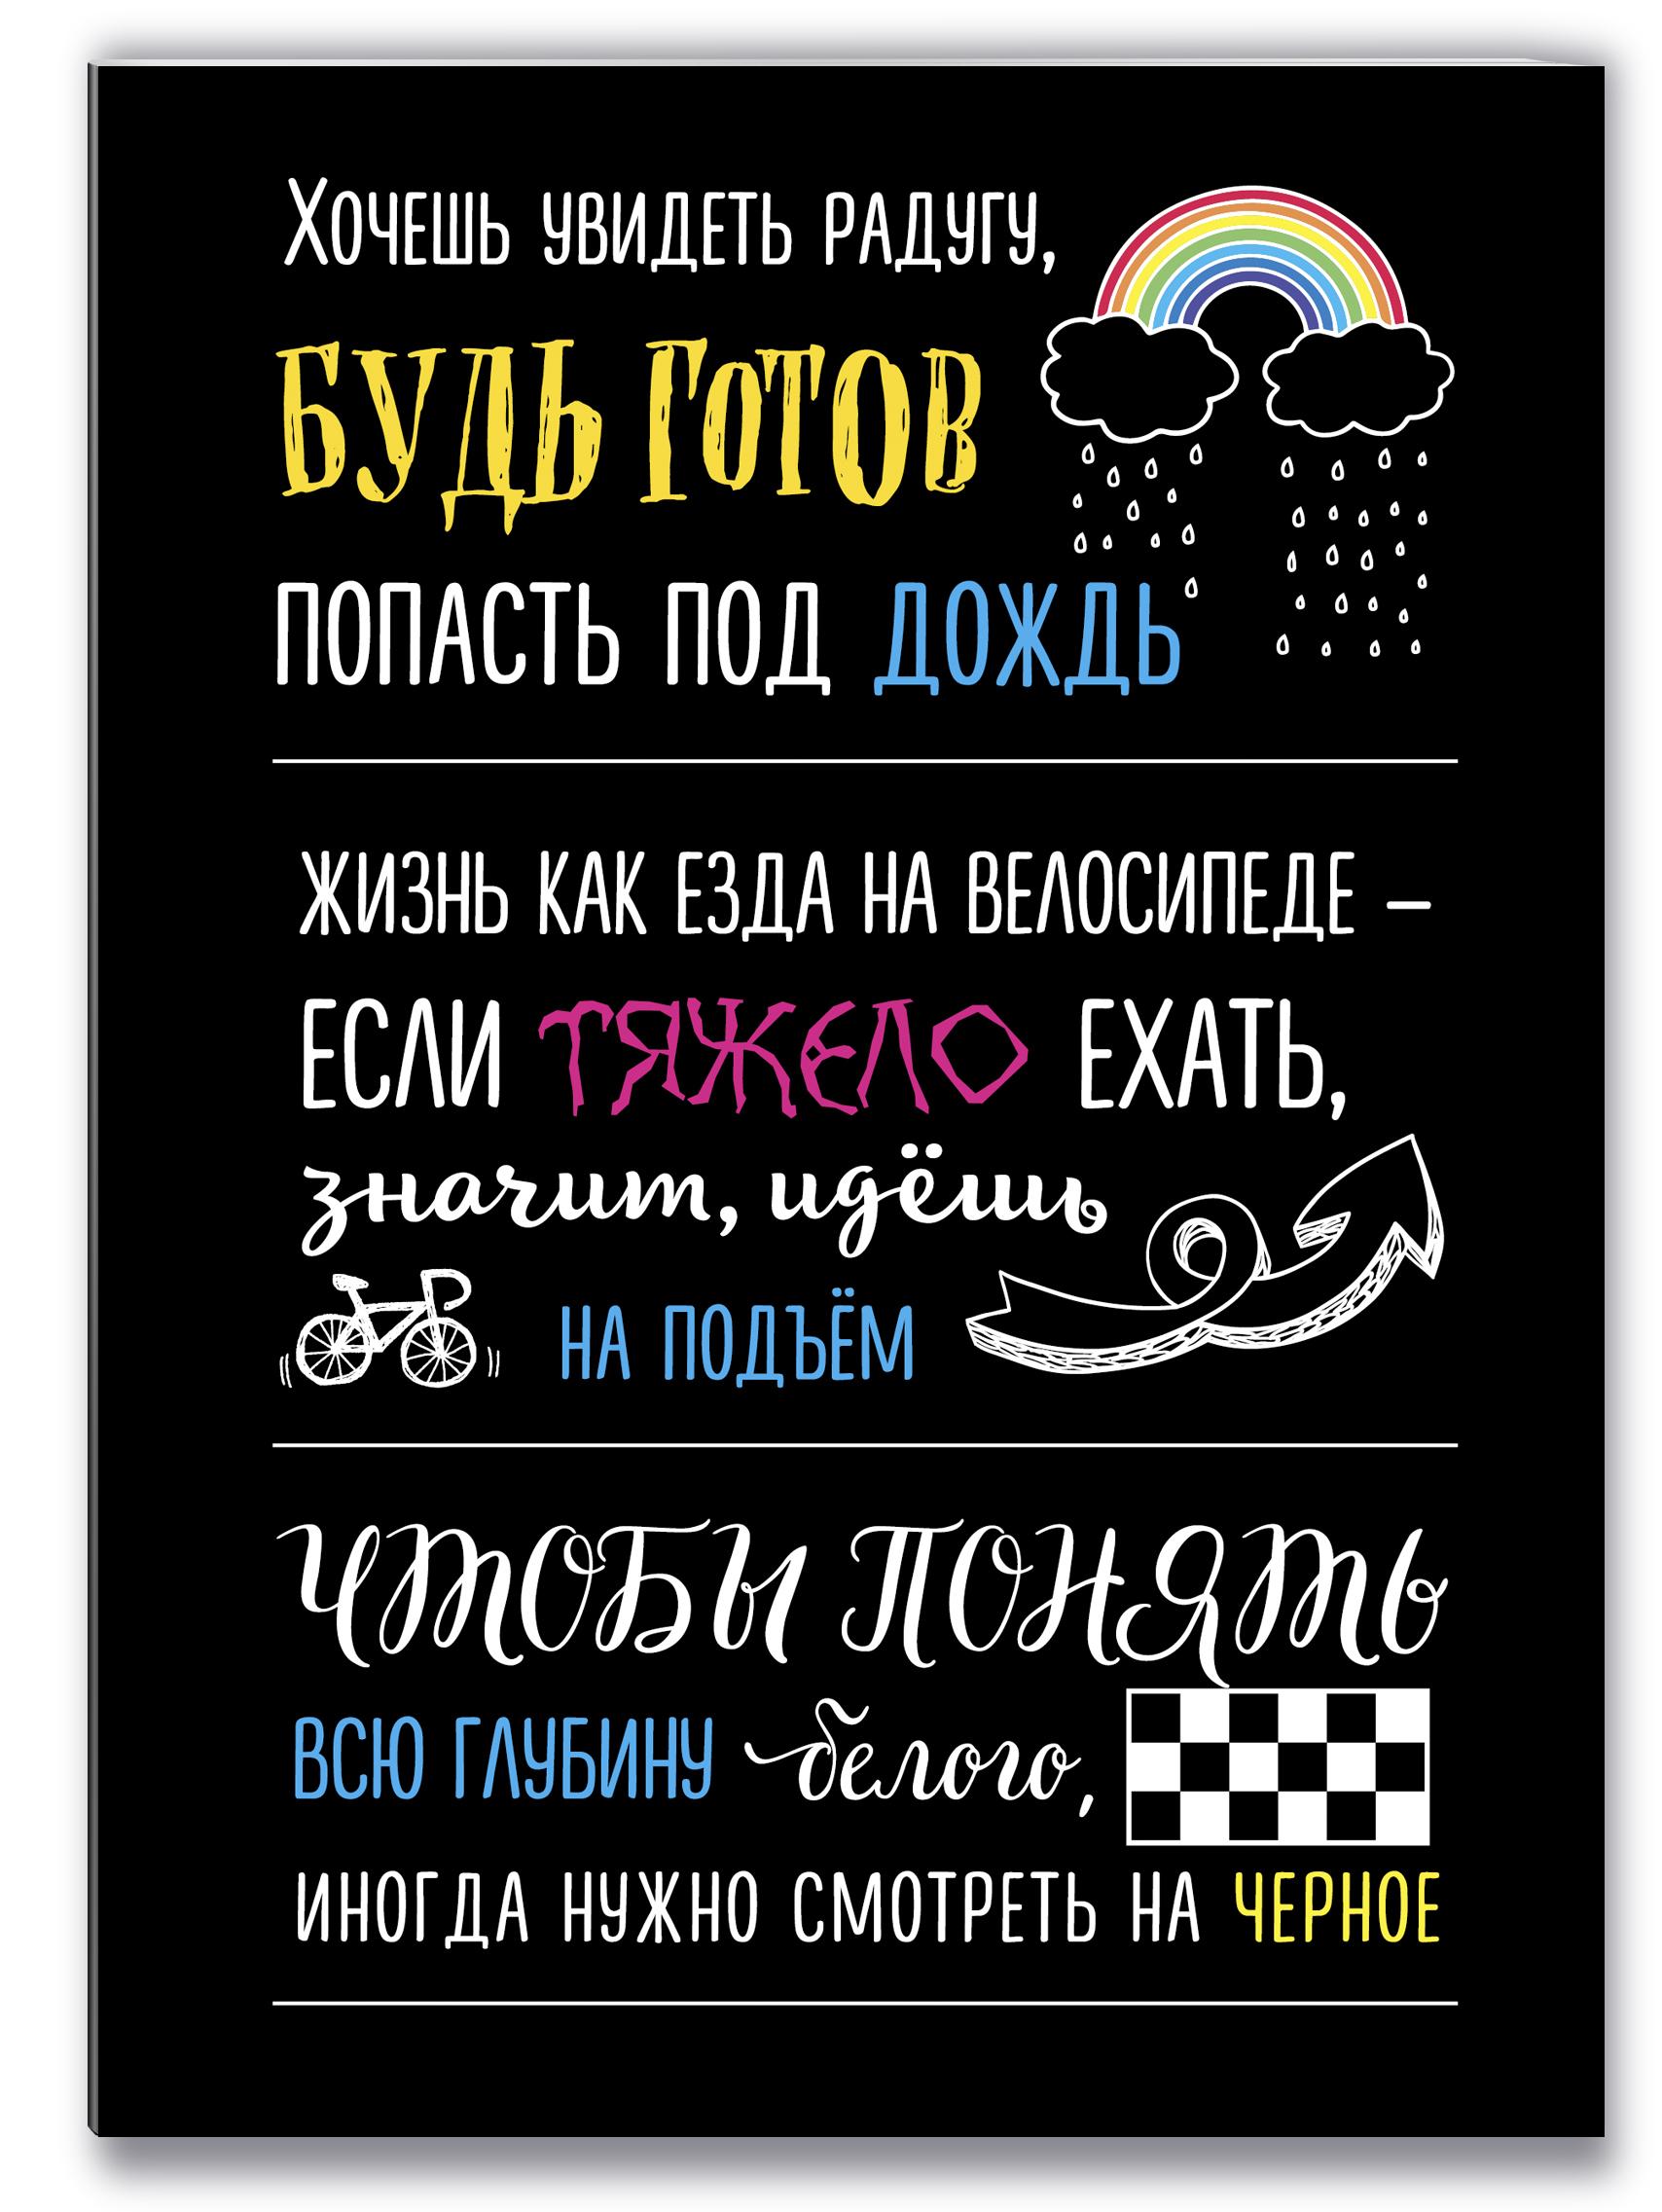 Блокнот. Будь готов (формат А5, мотивирующие фразы, чёрная обложка) от book24.ru